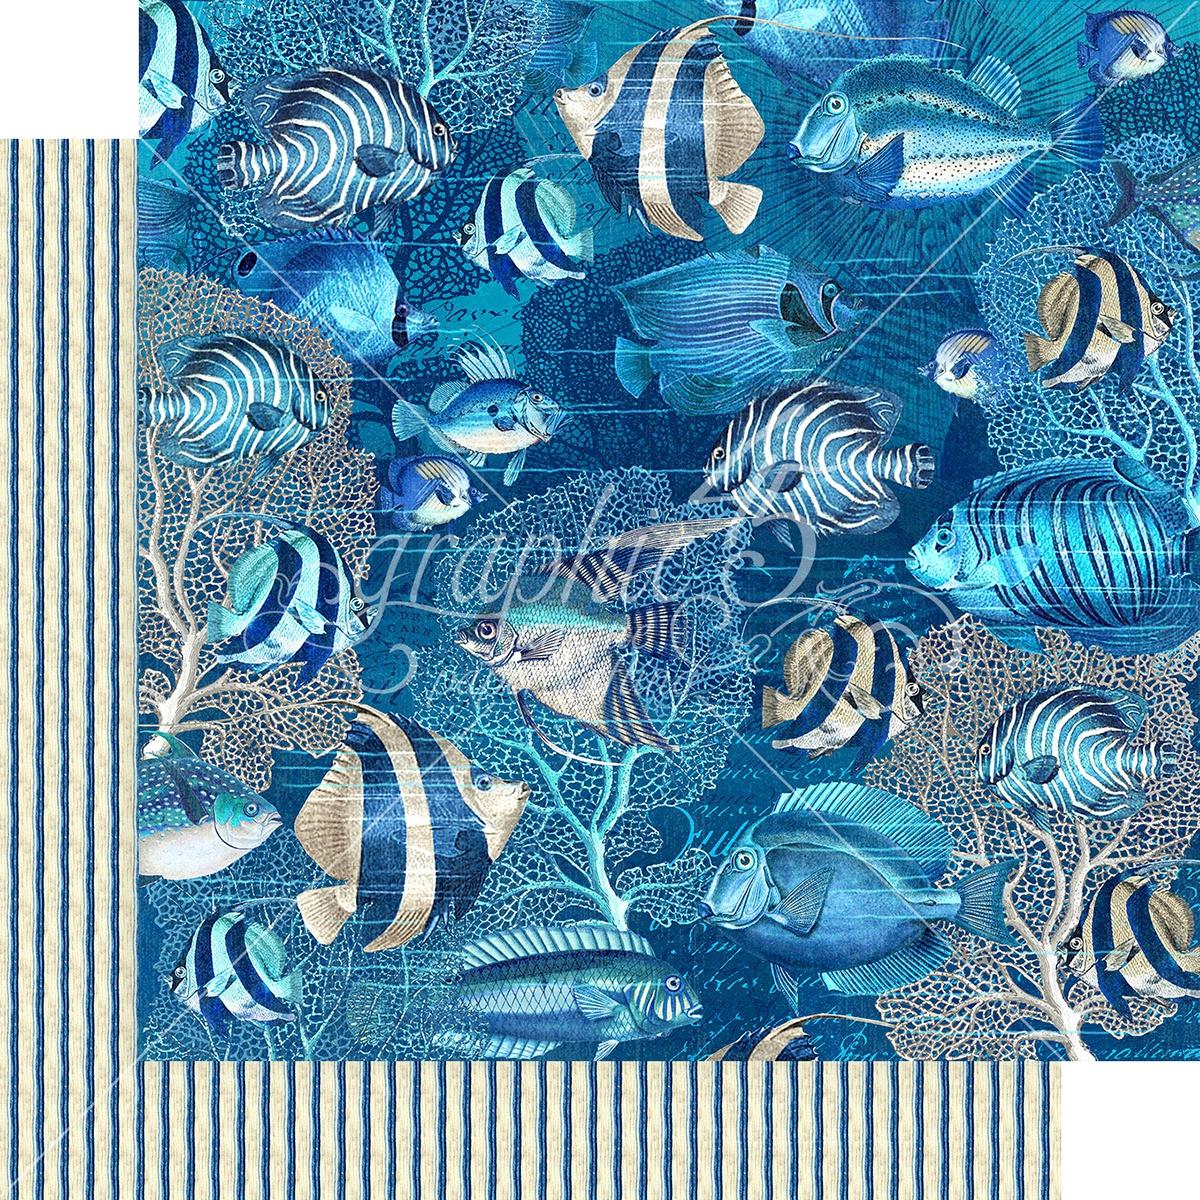 Graphic 45 - Ocean Blue Capri 12x12